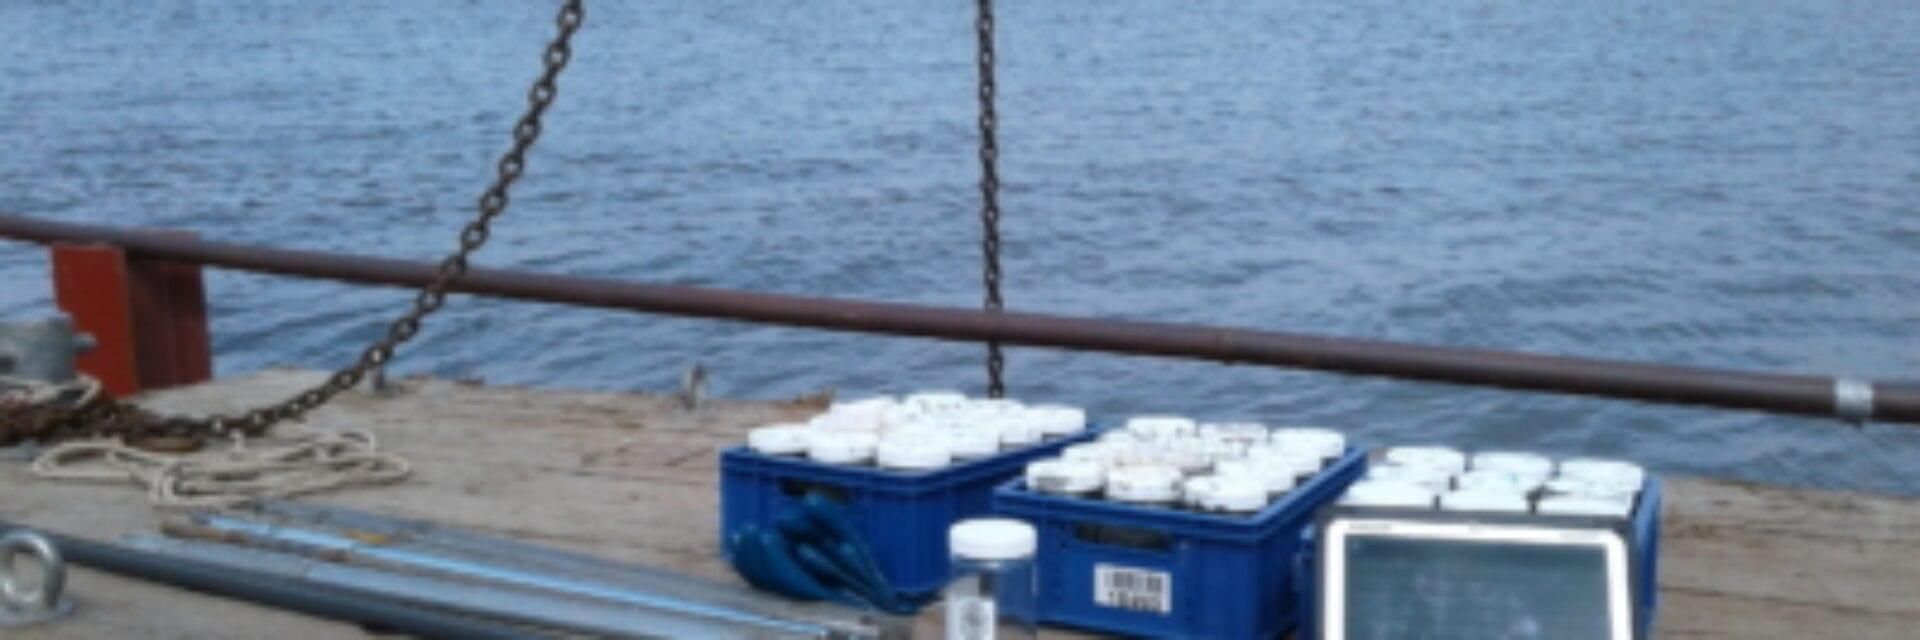 Bodemonderzoek bij de Vismigratierivier. Wij kijken uit op het water bij de Afsluitdijk. Daarvoor zien we de wal een grote kraan hijst iets in het water. Op de kant ligt onderzoeksmateriaal.